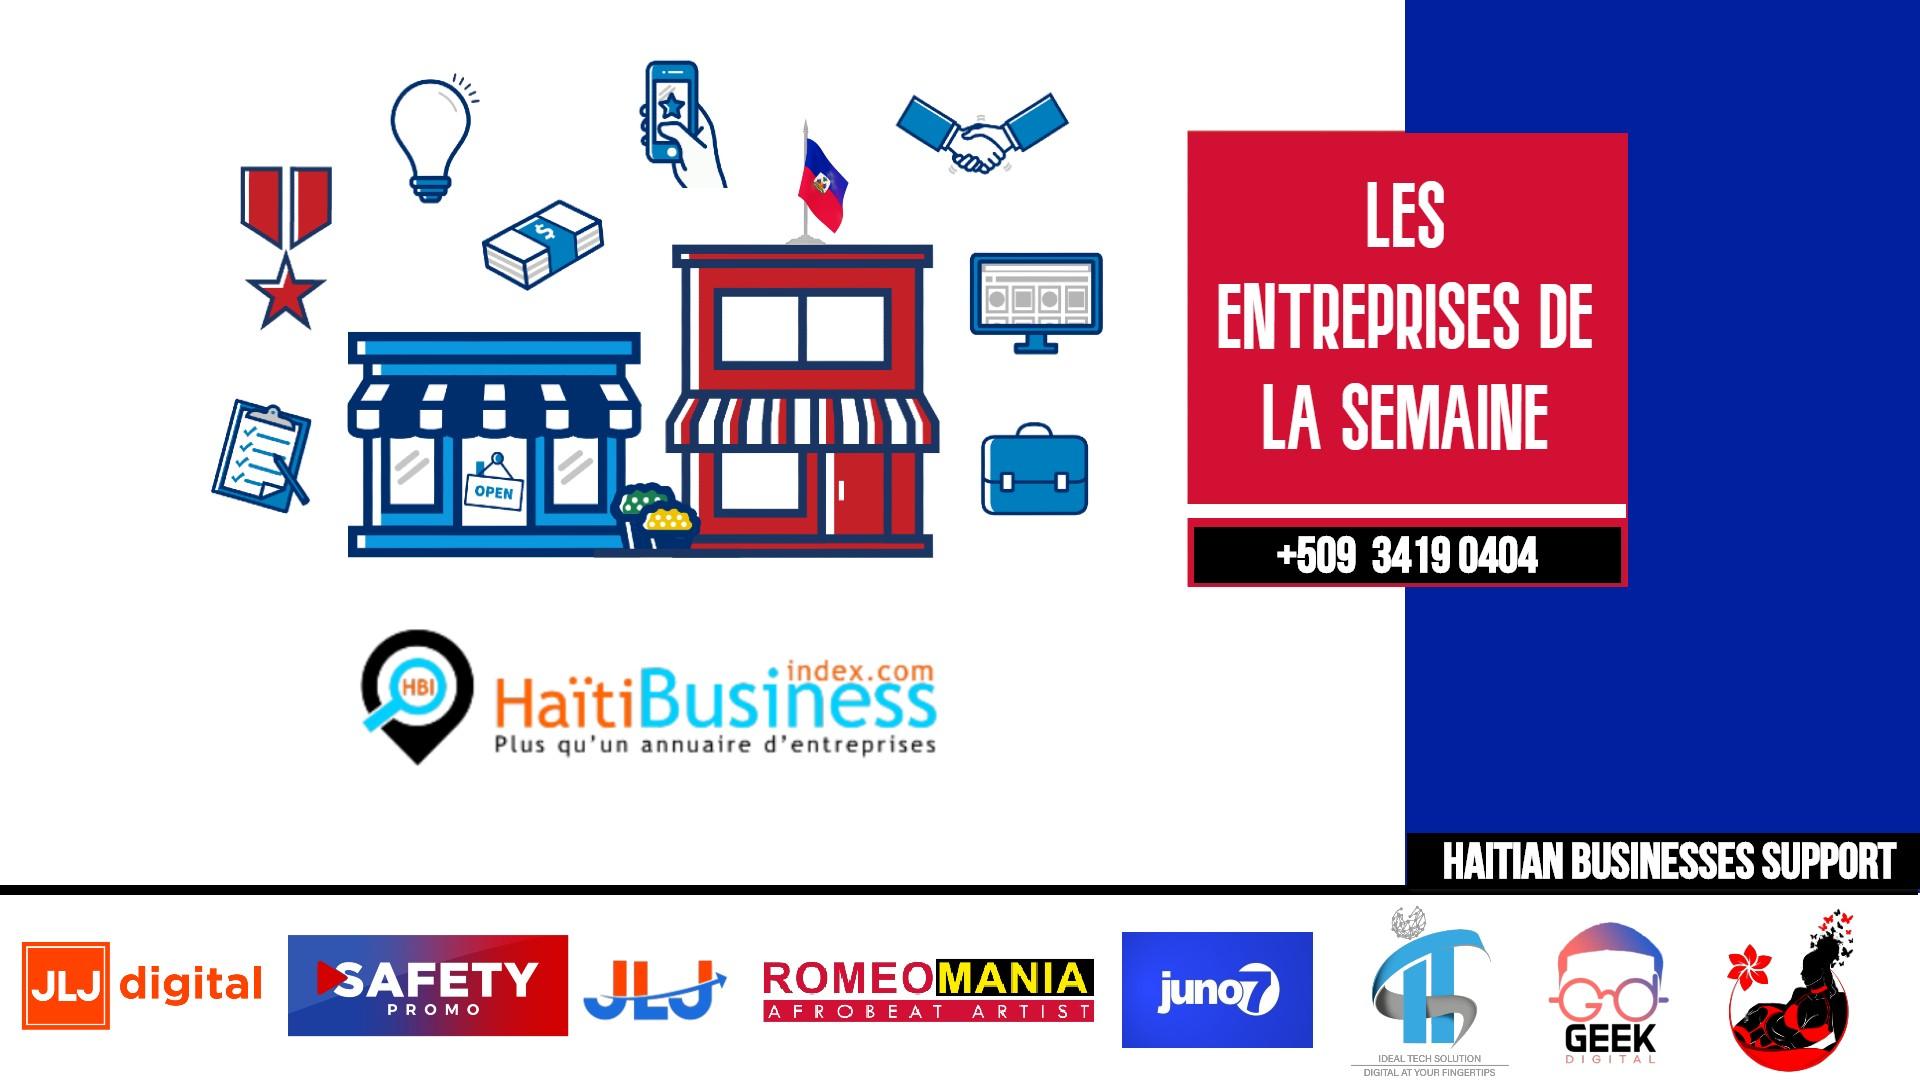 Les Entreprises de la Semaine - Haiti Business Index (HBIS)